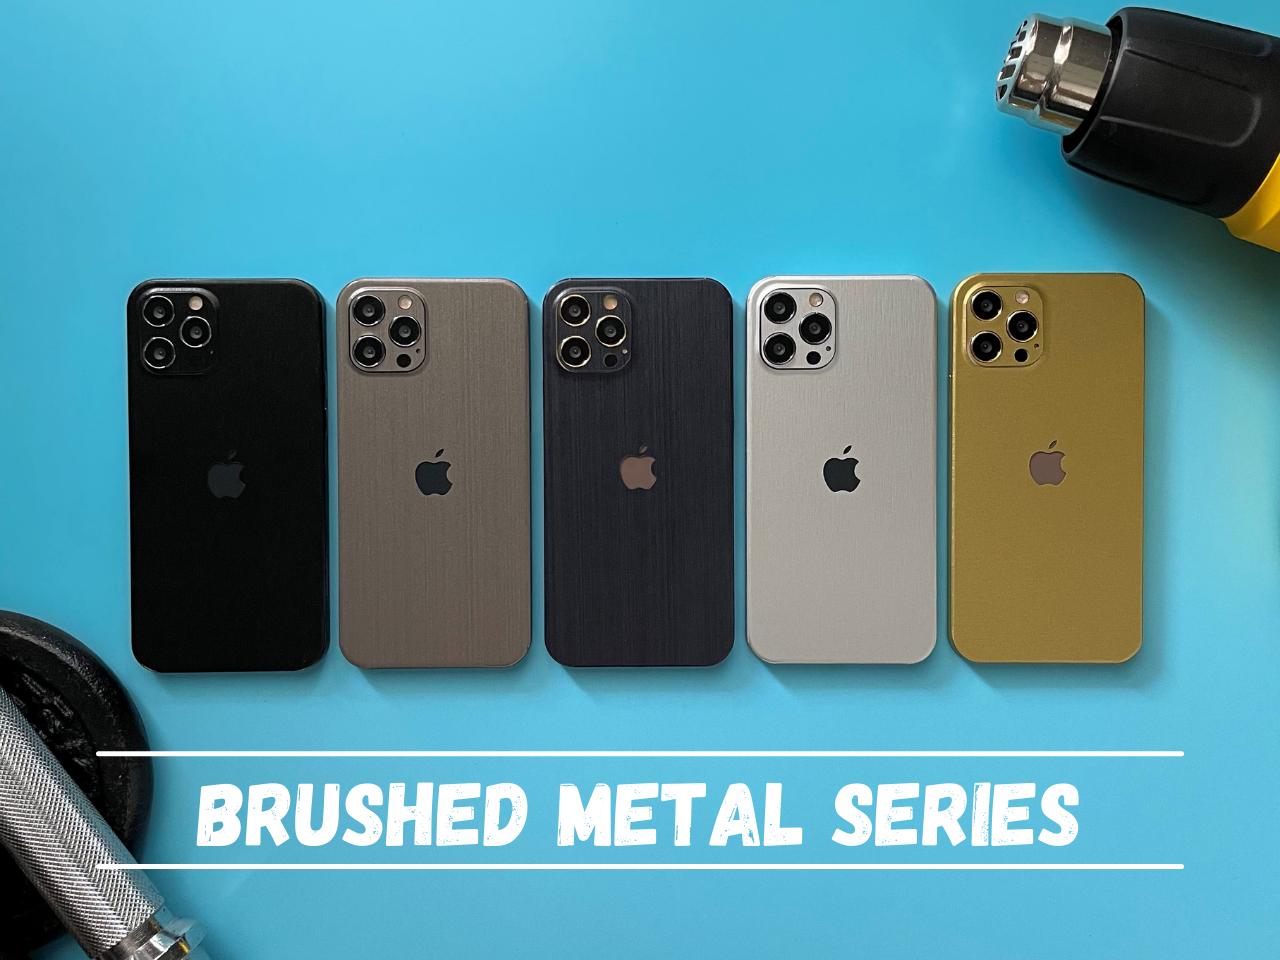 Mojoskins 3M Brushed Metal Series